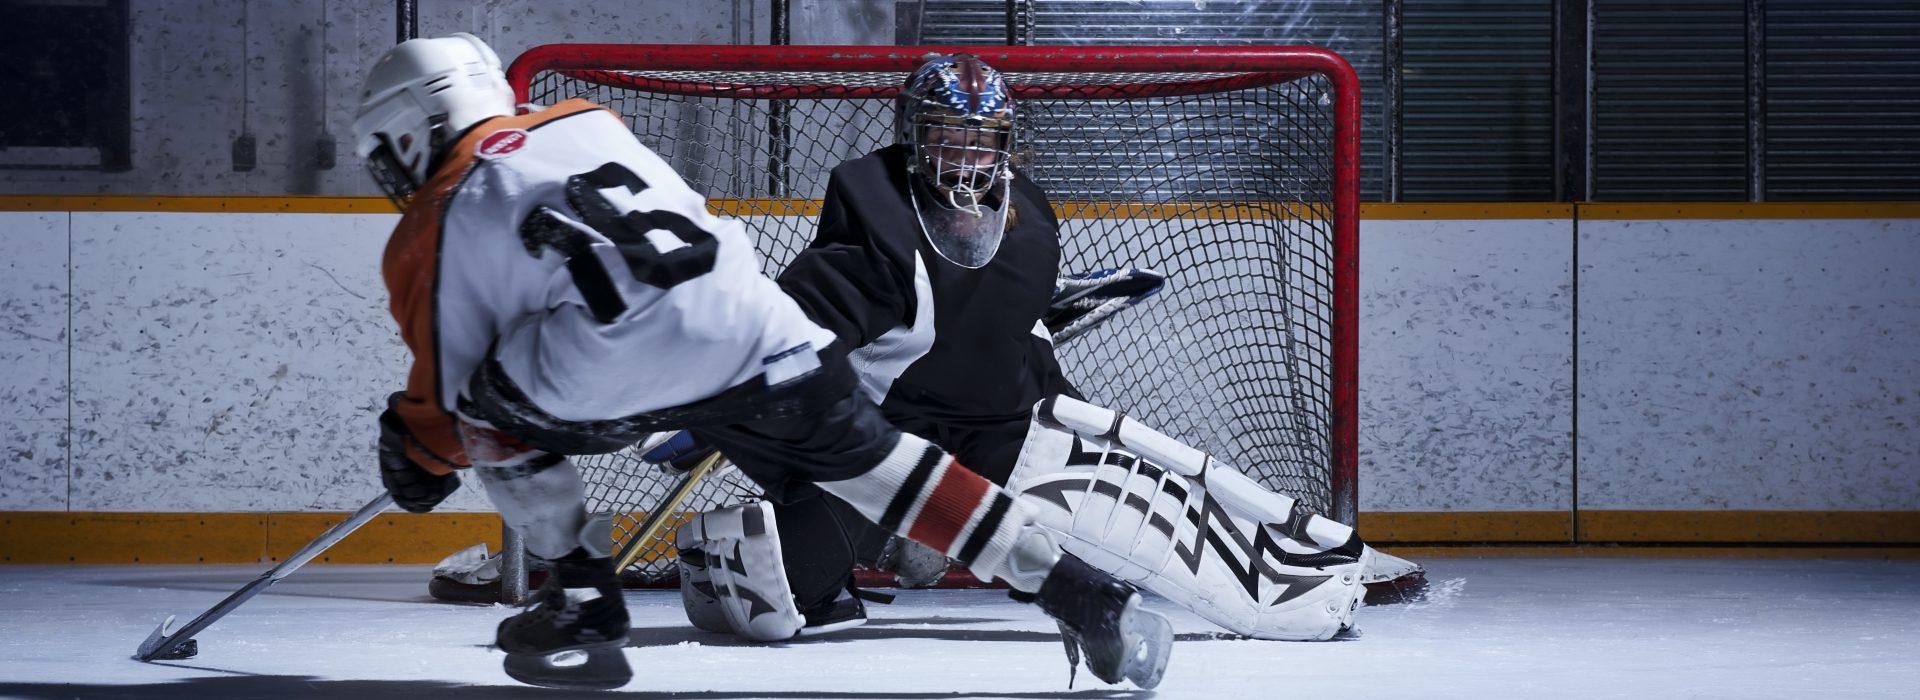 Forza Consulting - Hockey